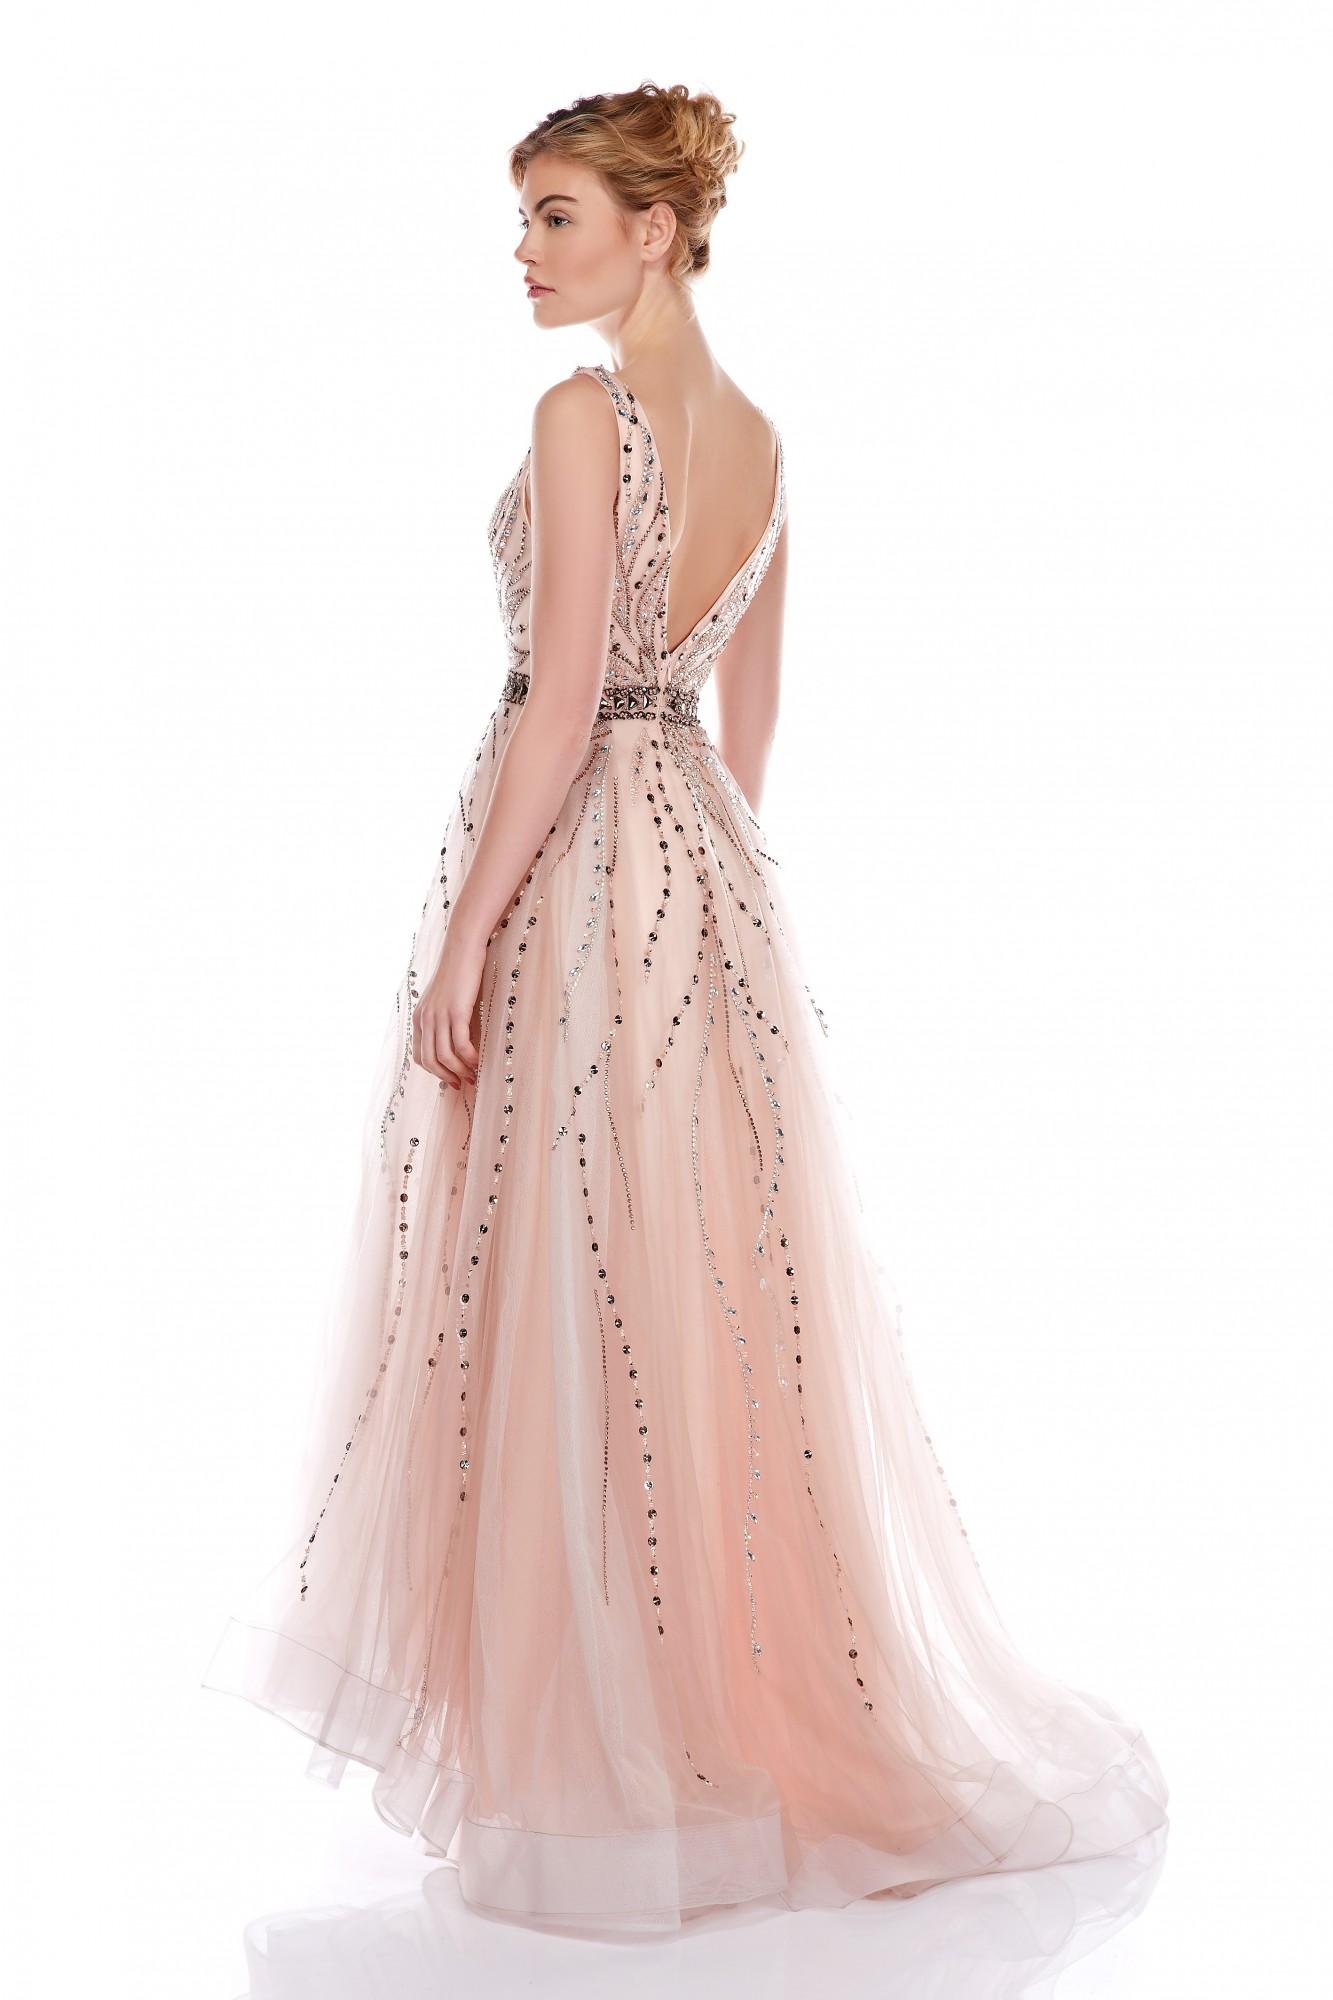 nouvelles images de frais frais livraison gratuite robe longue de soirée rose poudre marseille modèle Meliza ...